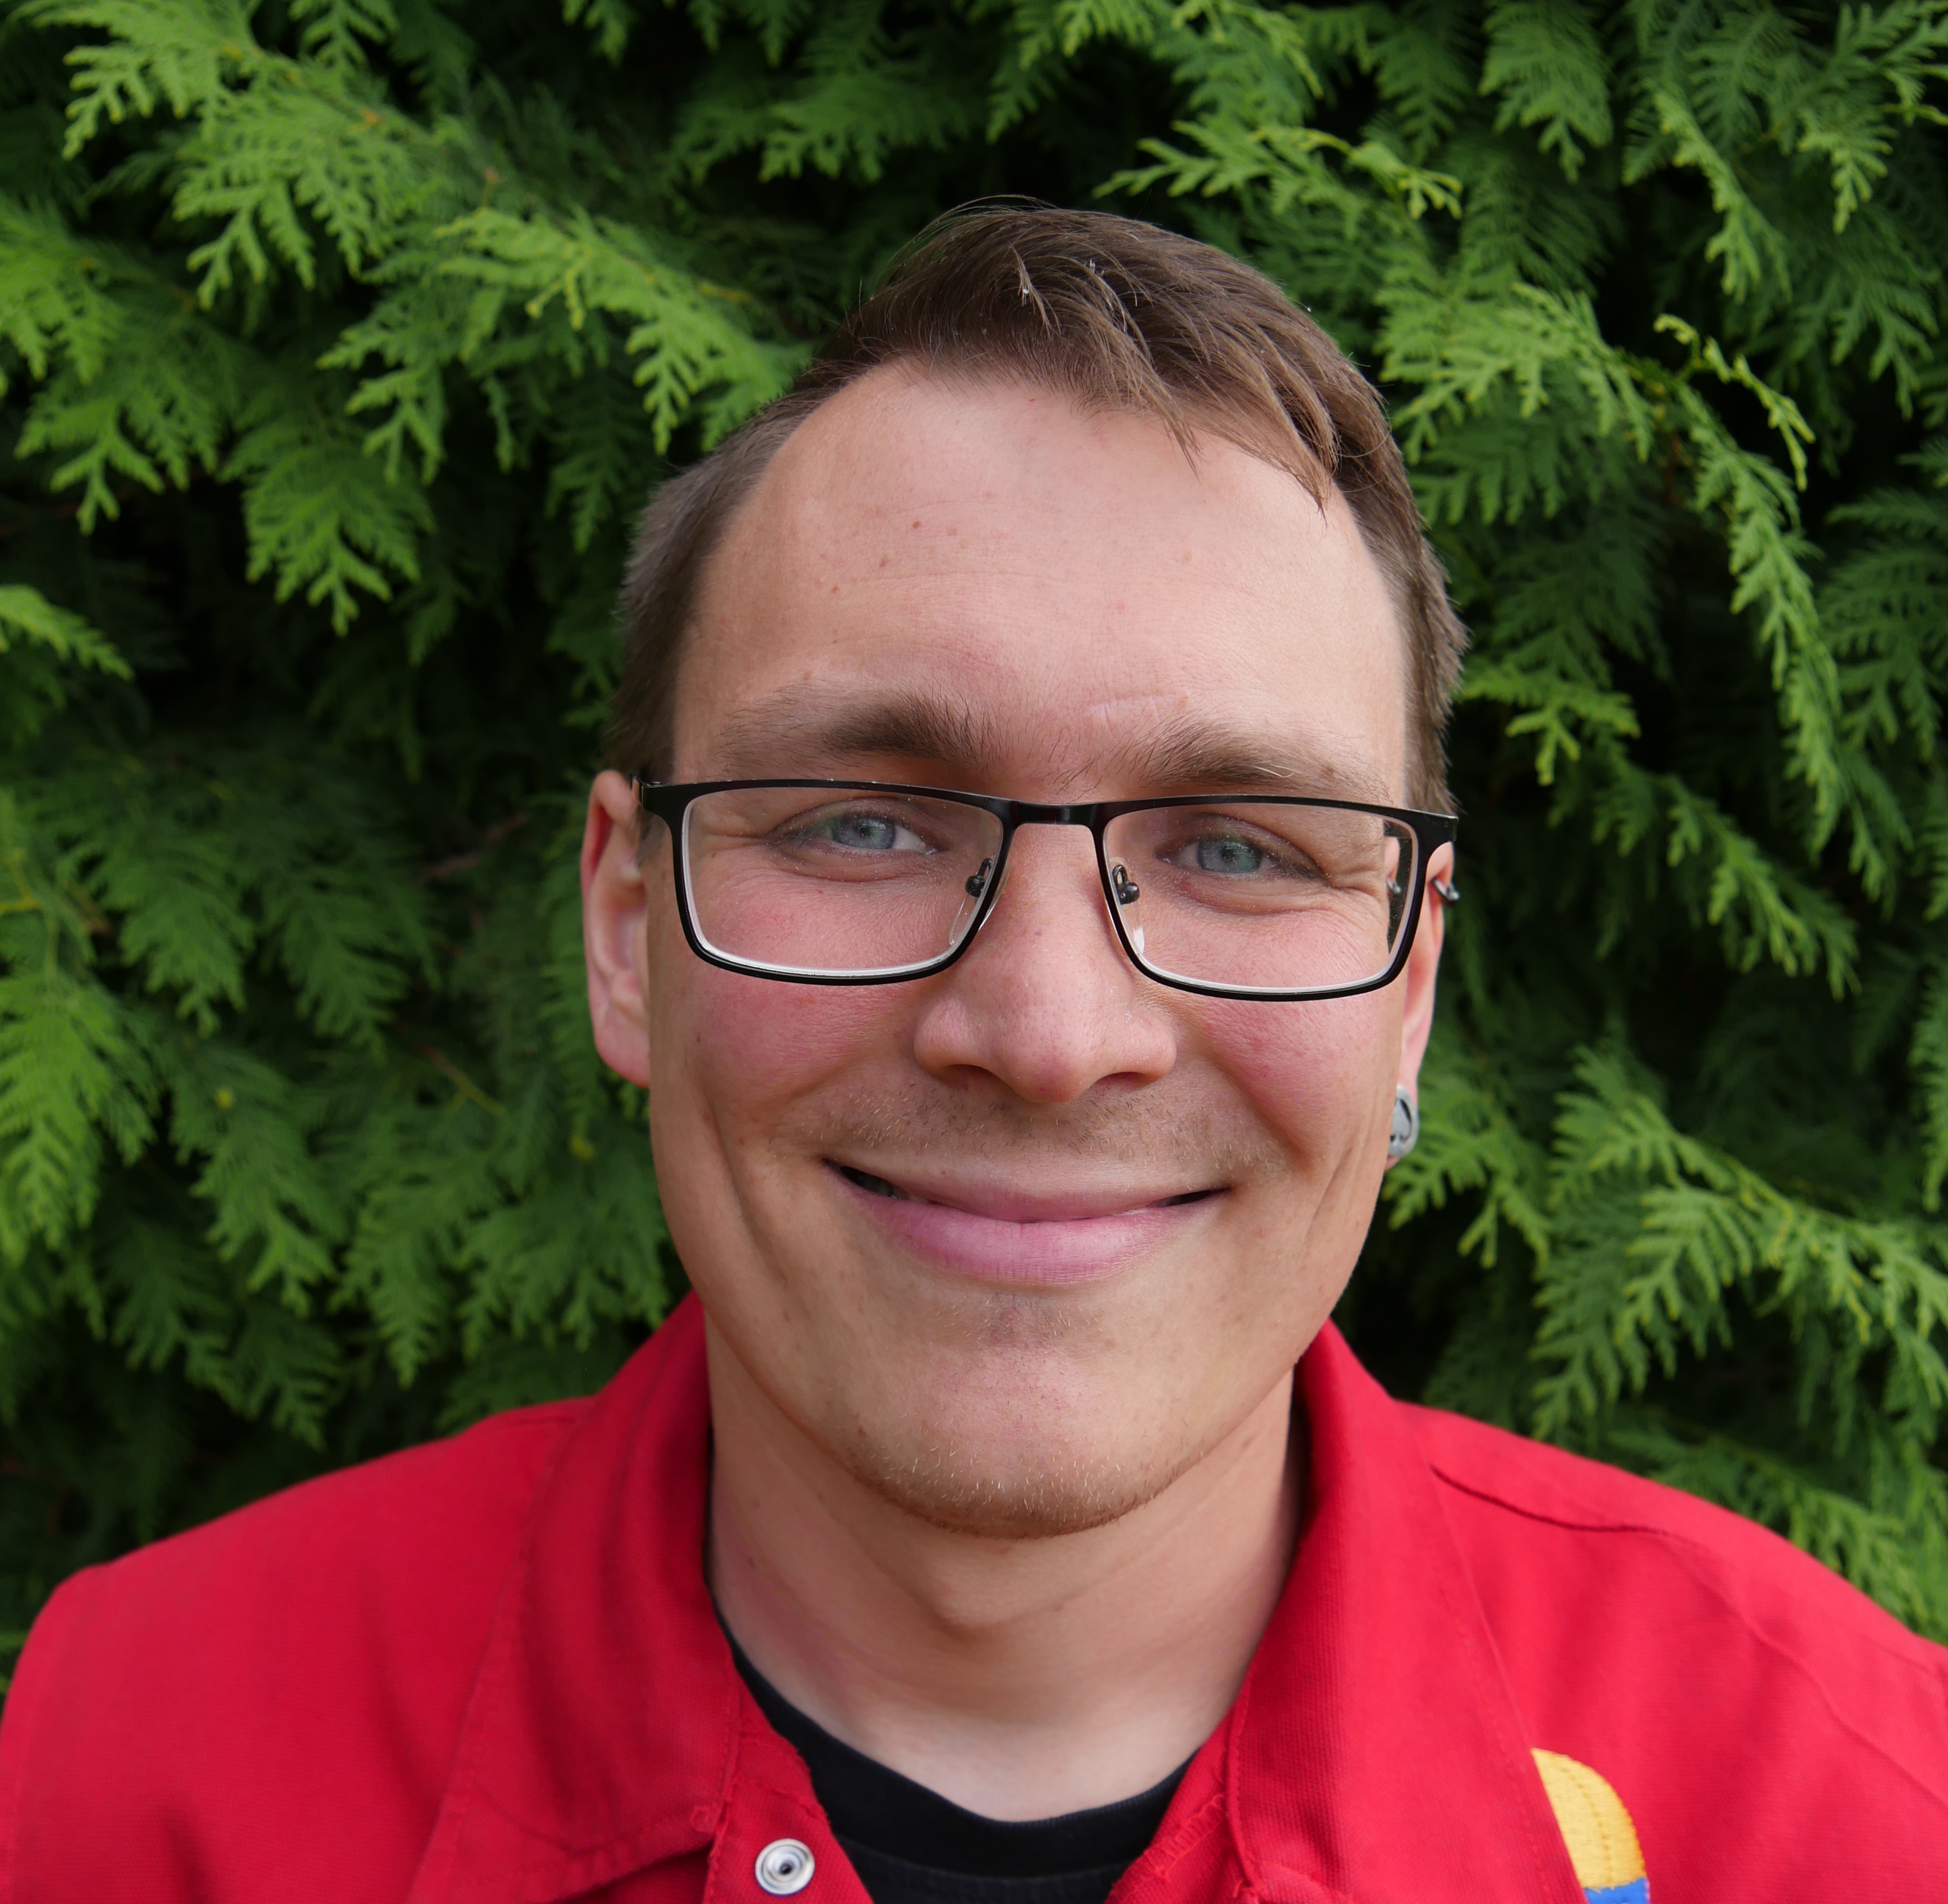 Sebastian Bölling